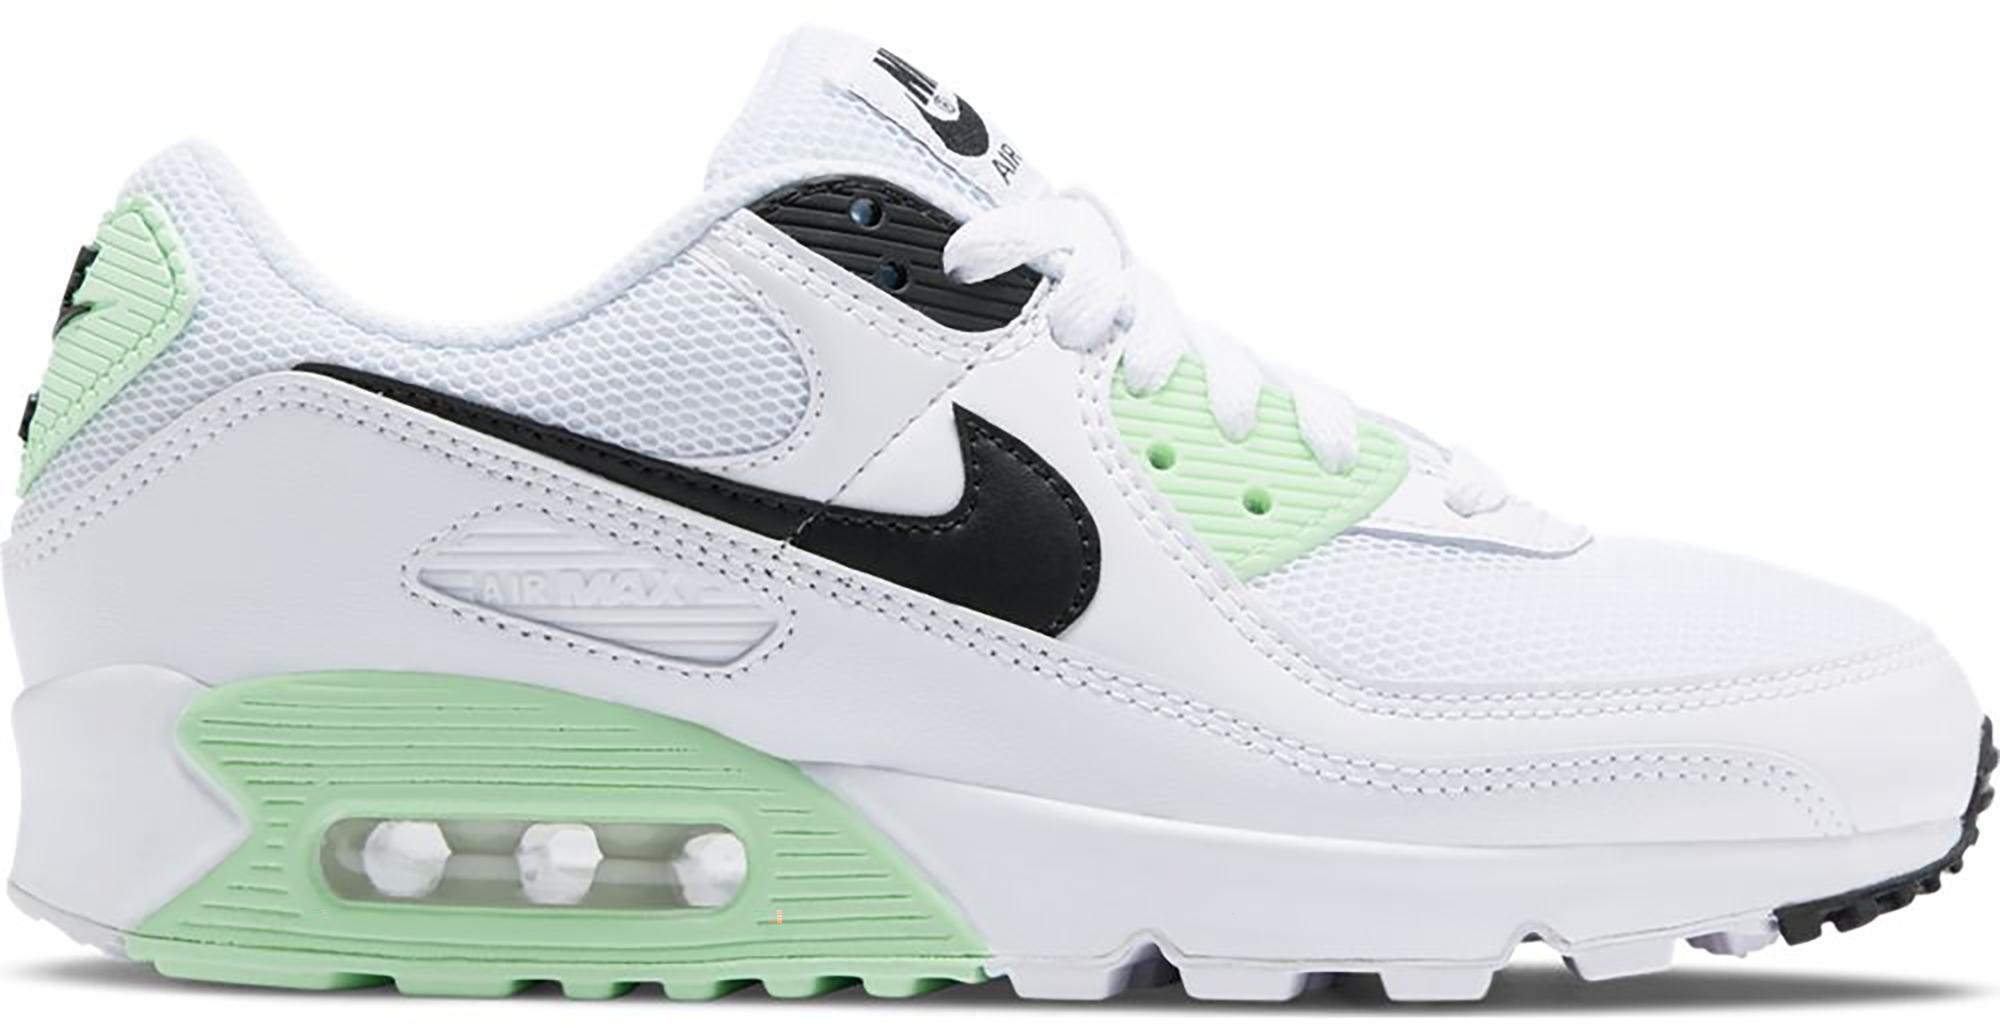 Nike Air Max 90 White Vapor Green Black